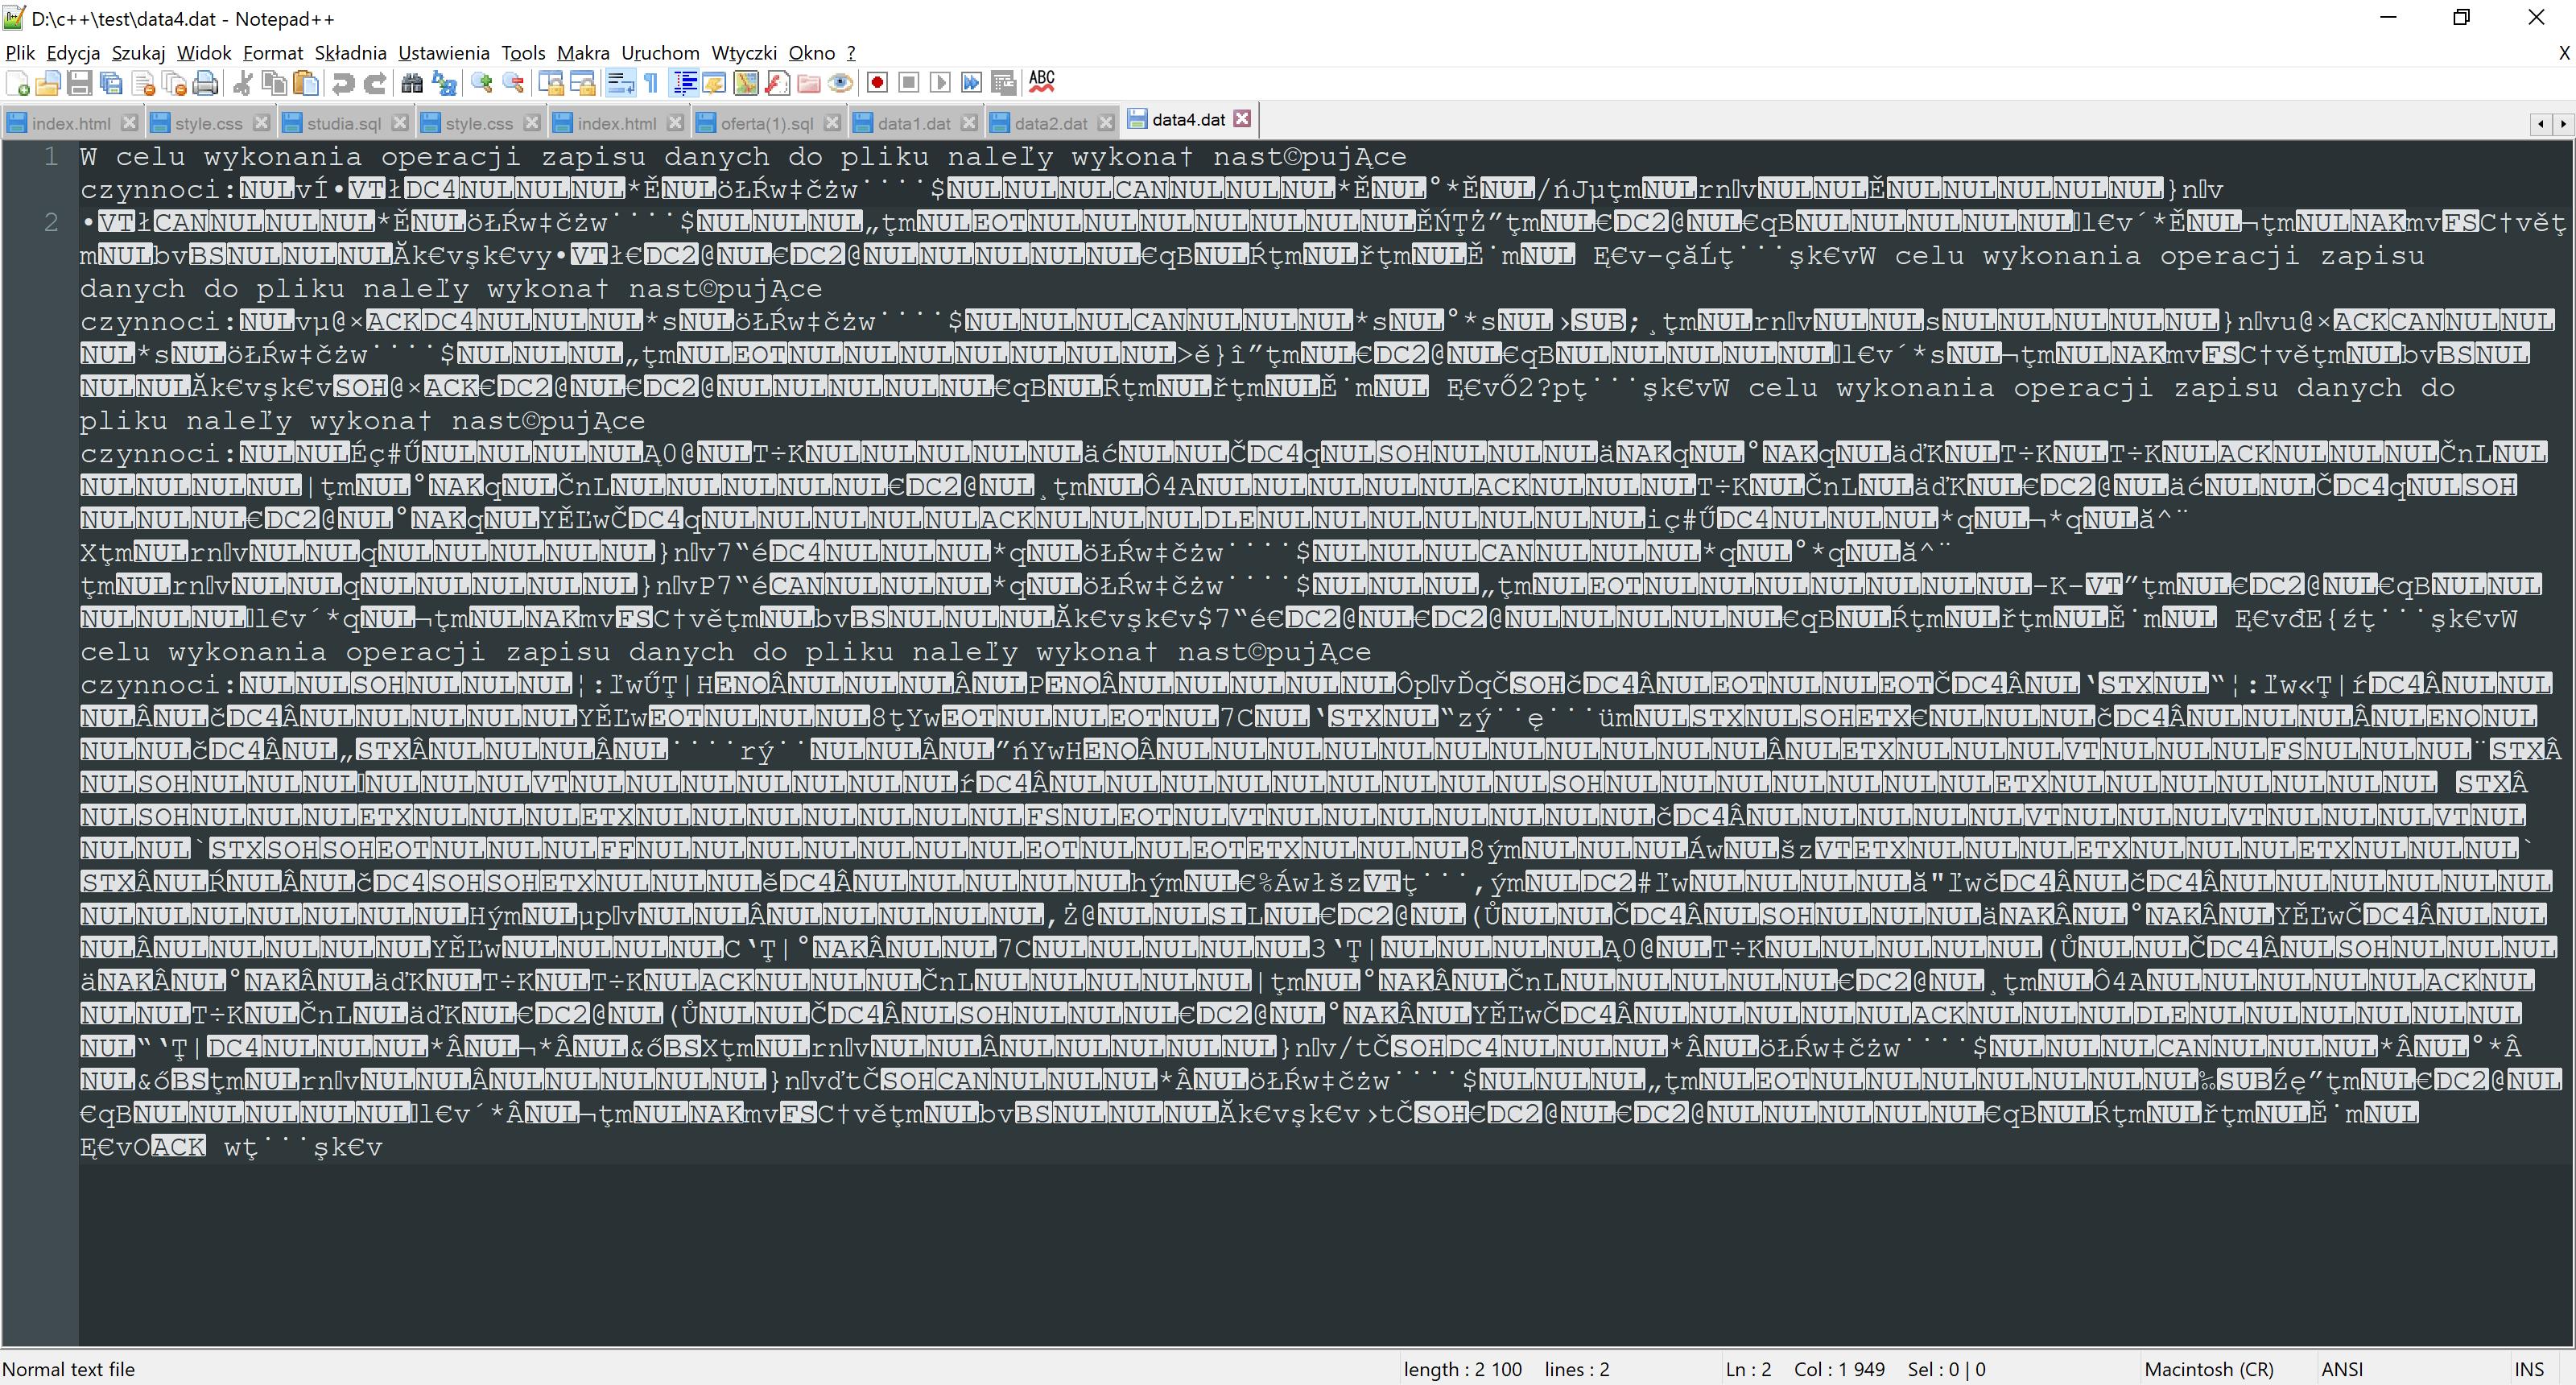 Czy pliki binarne TrueCrypta były skompilowane z dostępnych źródeł?